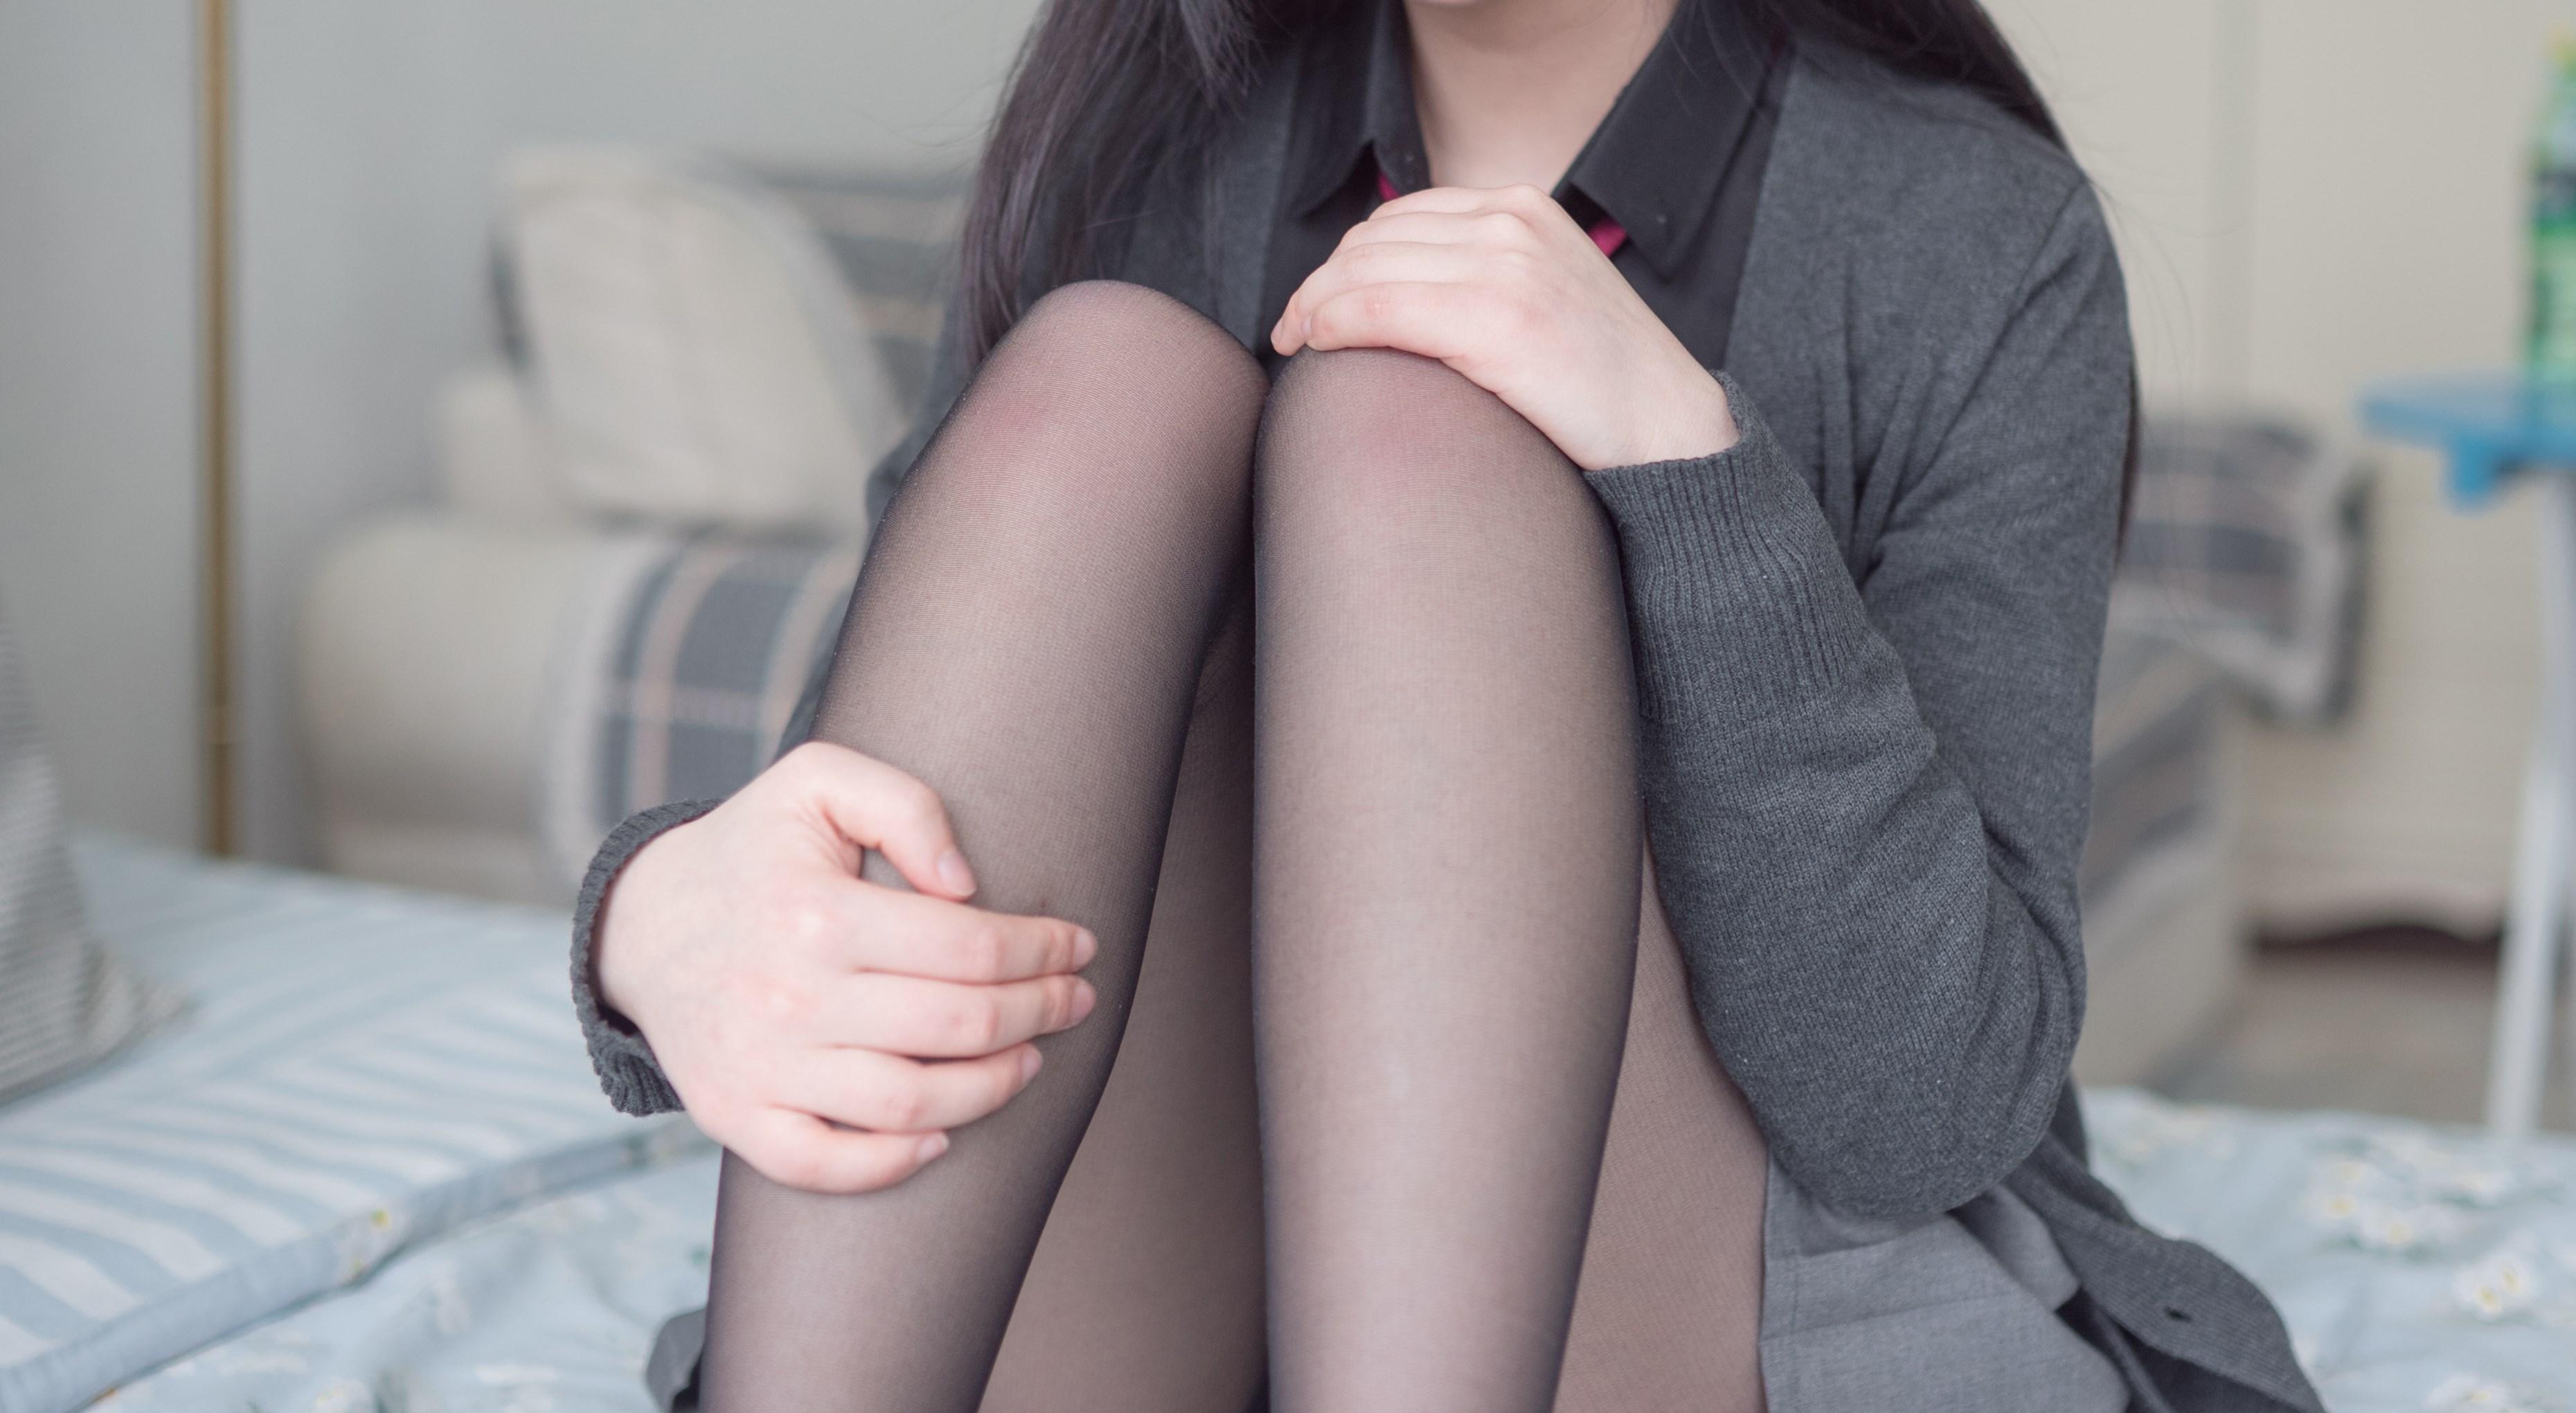 【兔玩映画】黑丝萌萌哒 兔玩映画 第25张